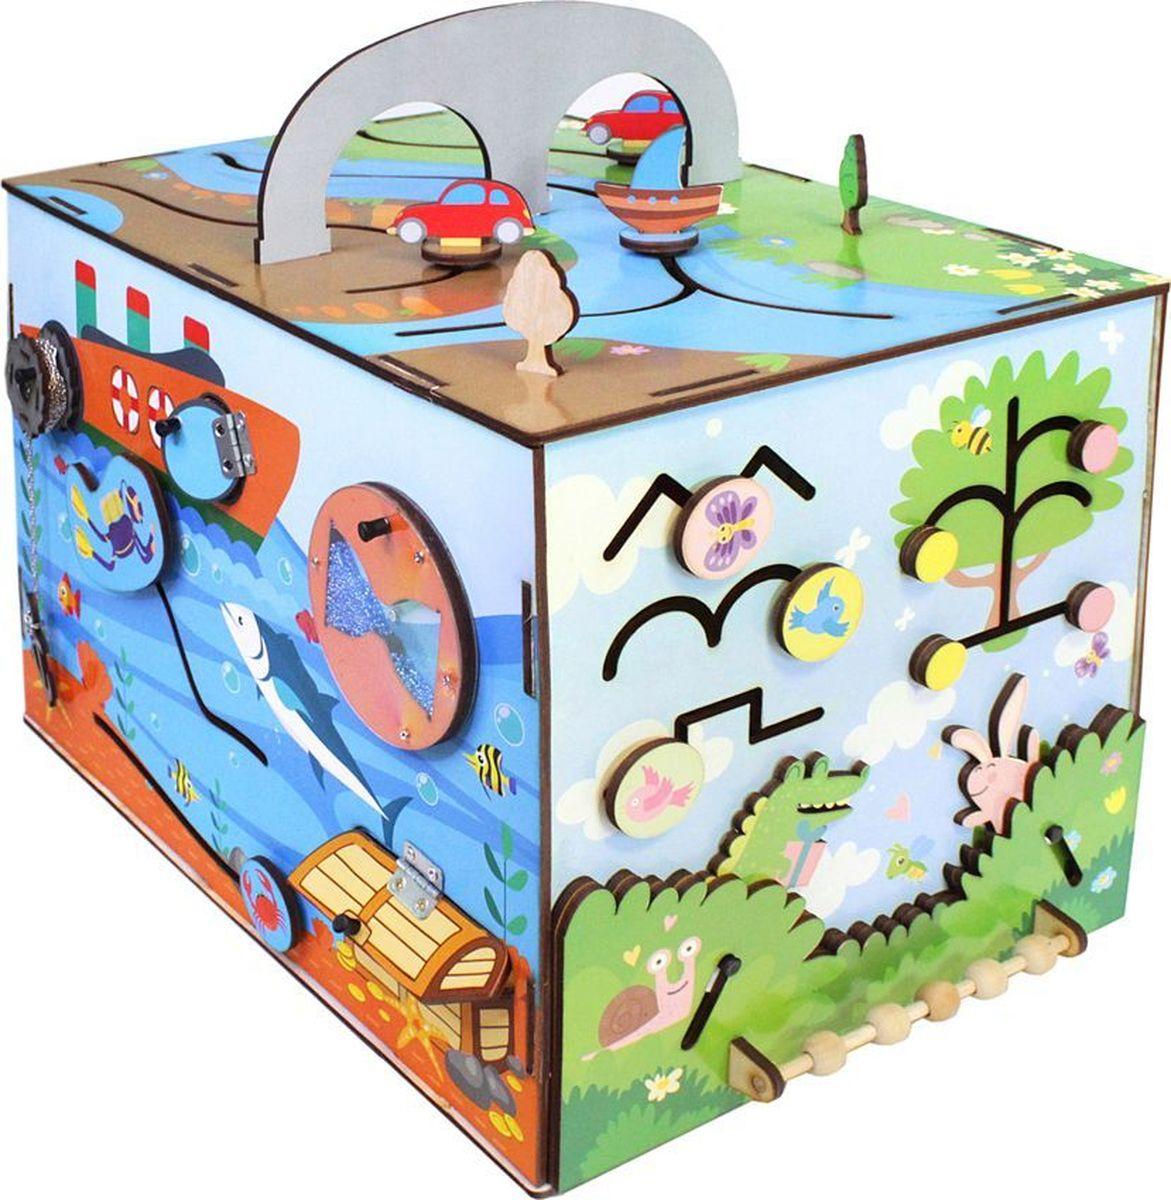 купить Фабрика Мастер игрушек Бизиборд Вокруг света недорого